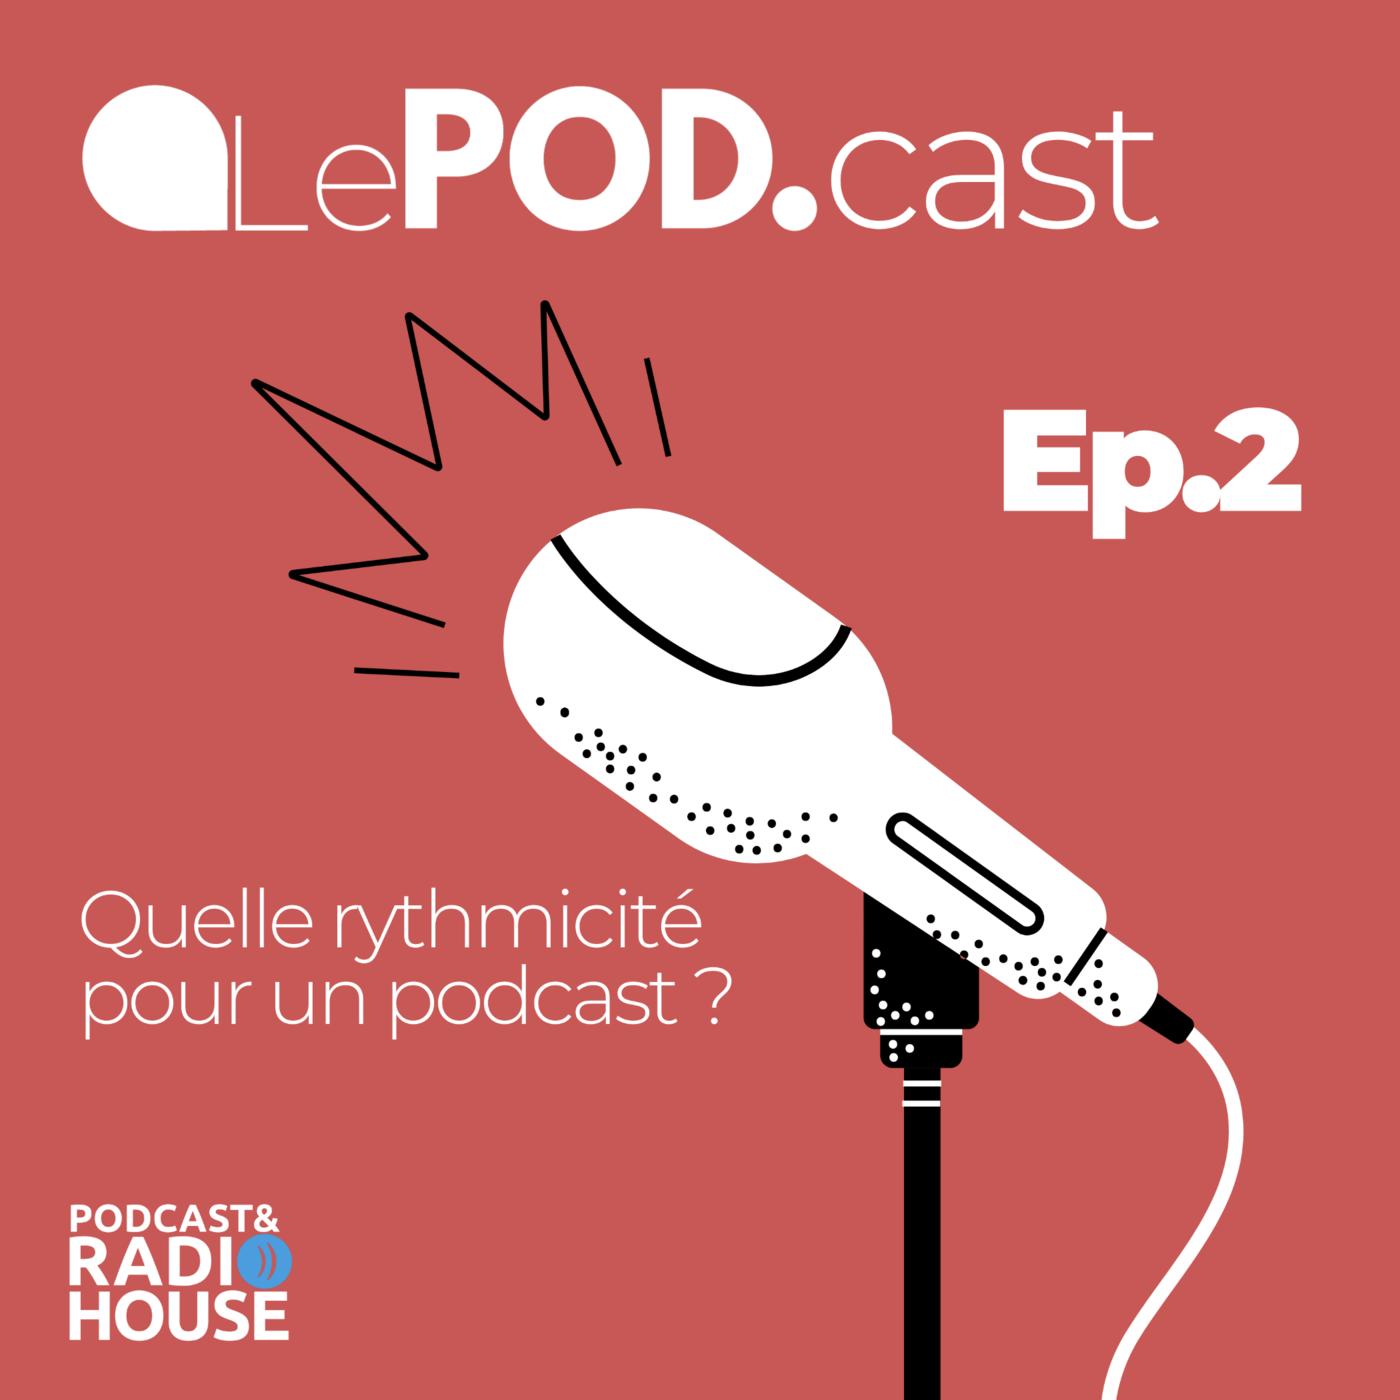 EP.2 - Quelle rythmicité pour un podcast ? - Le POD.